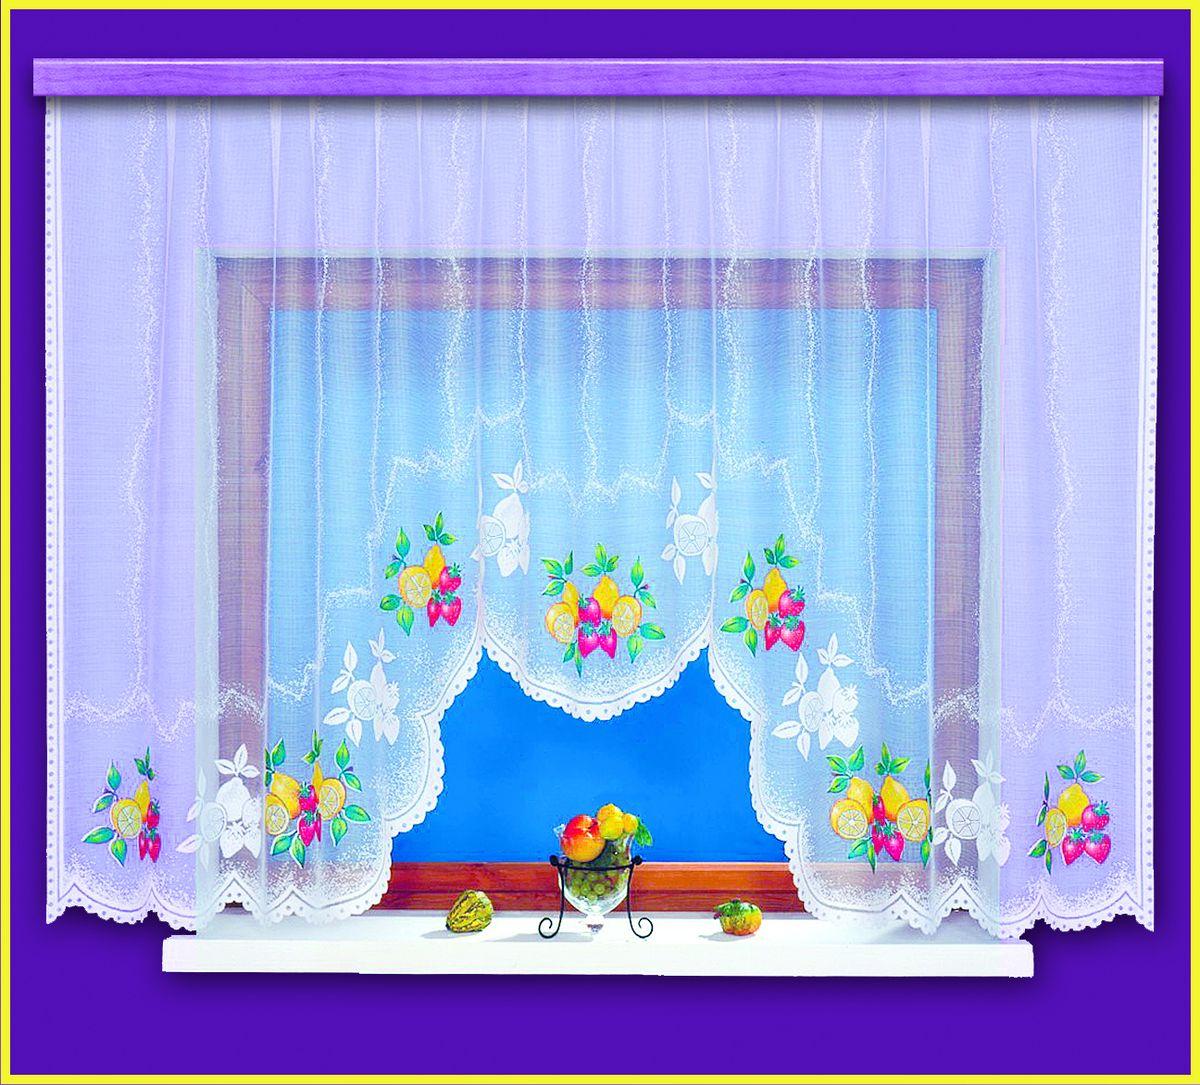 Гардина для кухни Haft Ozdoba Kuchni, цвет: белый, высота 160 см. 99220/160219490/160Воздушная гардина Haft Ozdoba Kuchni, изготовленная из полиэстера белого цвета, станет великолепным украшением любого окна. Оригинальный фруктовый рисунок, украшающий нижний край гардины, и нежная ажурная фактура материала привлекут к себе внимание и органично впишутся в интерьер комнаты. В гардину вшита шторная лента.Размер гардины: 160 х 300 см.Текстильная компания Haft имеет богатую историю. Основанная в 1878 году в Польше, эта фирма зарекомендовала себя в качестве одного из лидеров текстильной промышленности в Европе. Еще в начале XX века фабрика Haft производила 90% всех текстильных изделий в своей стране, с годами производство расширялось, накопленный опыт позволял наиболее выгодно использовать развивающиеся технологии. Главный ассортимент компании - это тюль и занавески. Haft предлагает готовые решения дляваших окон, выпуская готовые наборы штор, которые остается только распаковать и повесить. Модельный ряд отличает оригинальный дизайн, высокое качество. Занавески, шторы, гардины Haft долговечны, прочны, практически не сминаемы, они не притягивают пыль и за ними легко ухаживать.Вся продукция бренда Haft выполнена на современном оборудовании из лучших материалов.